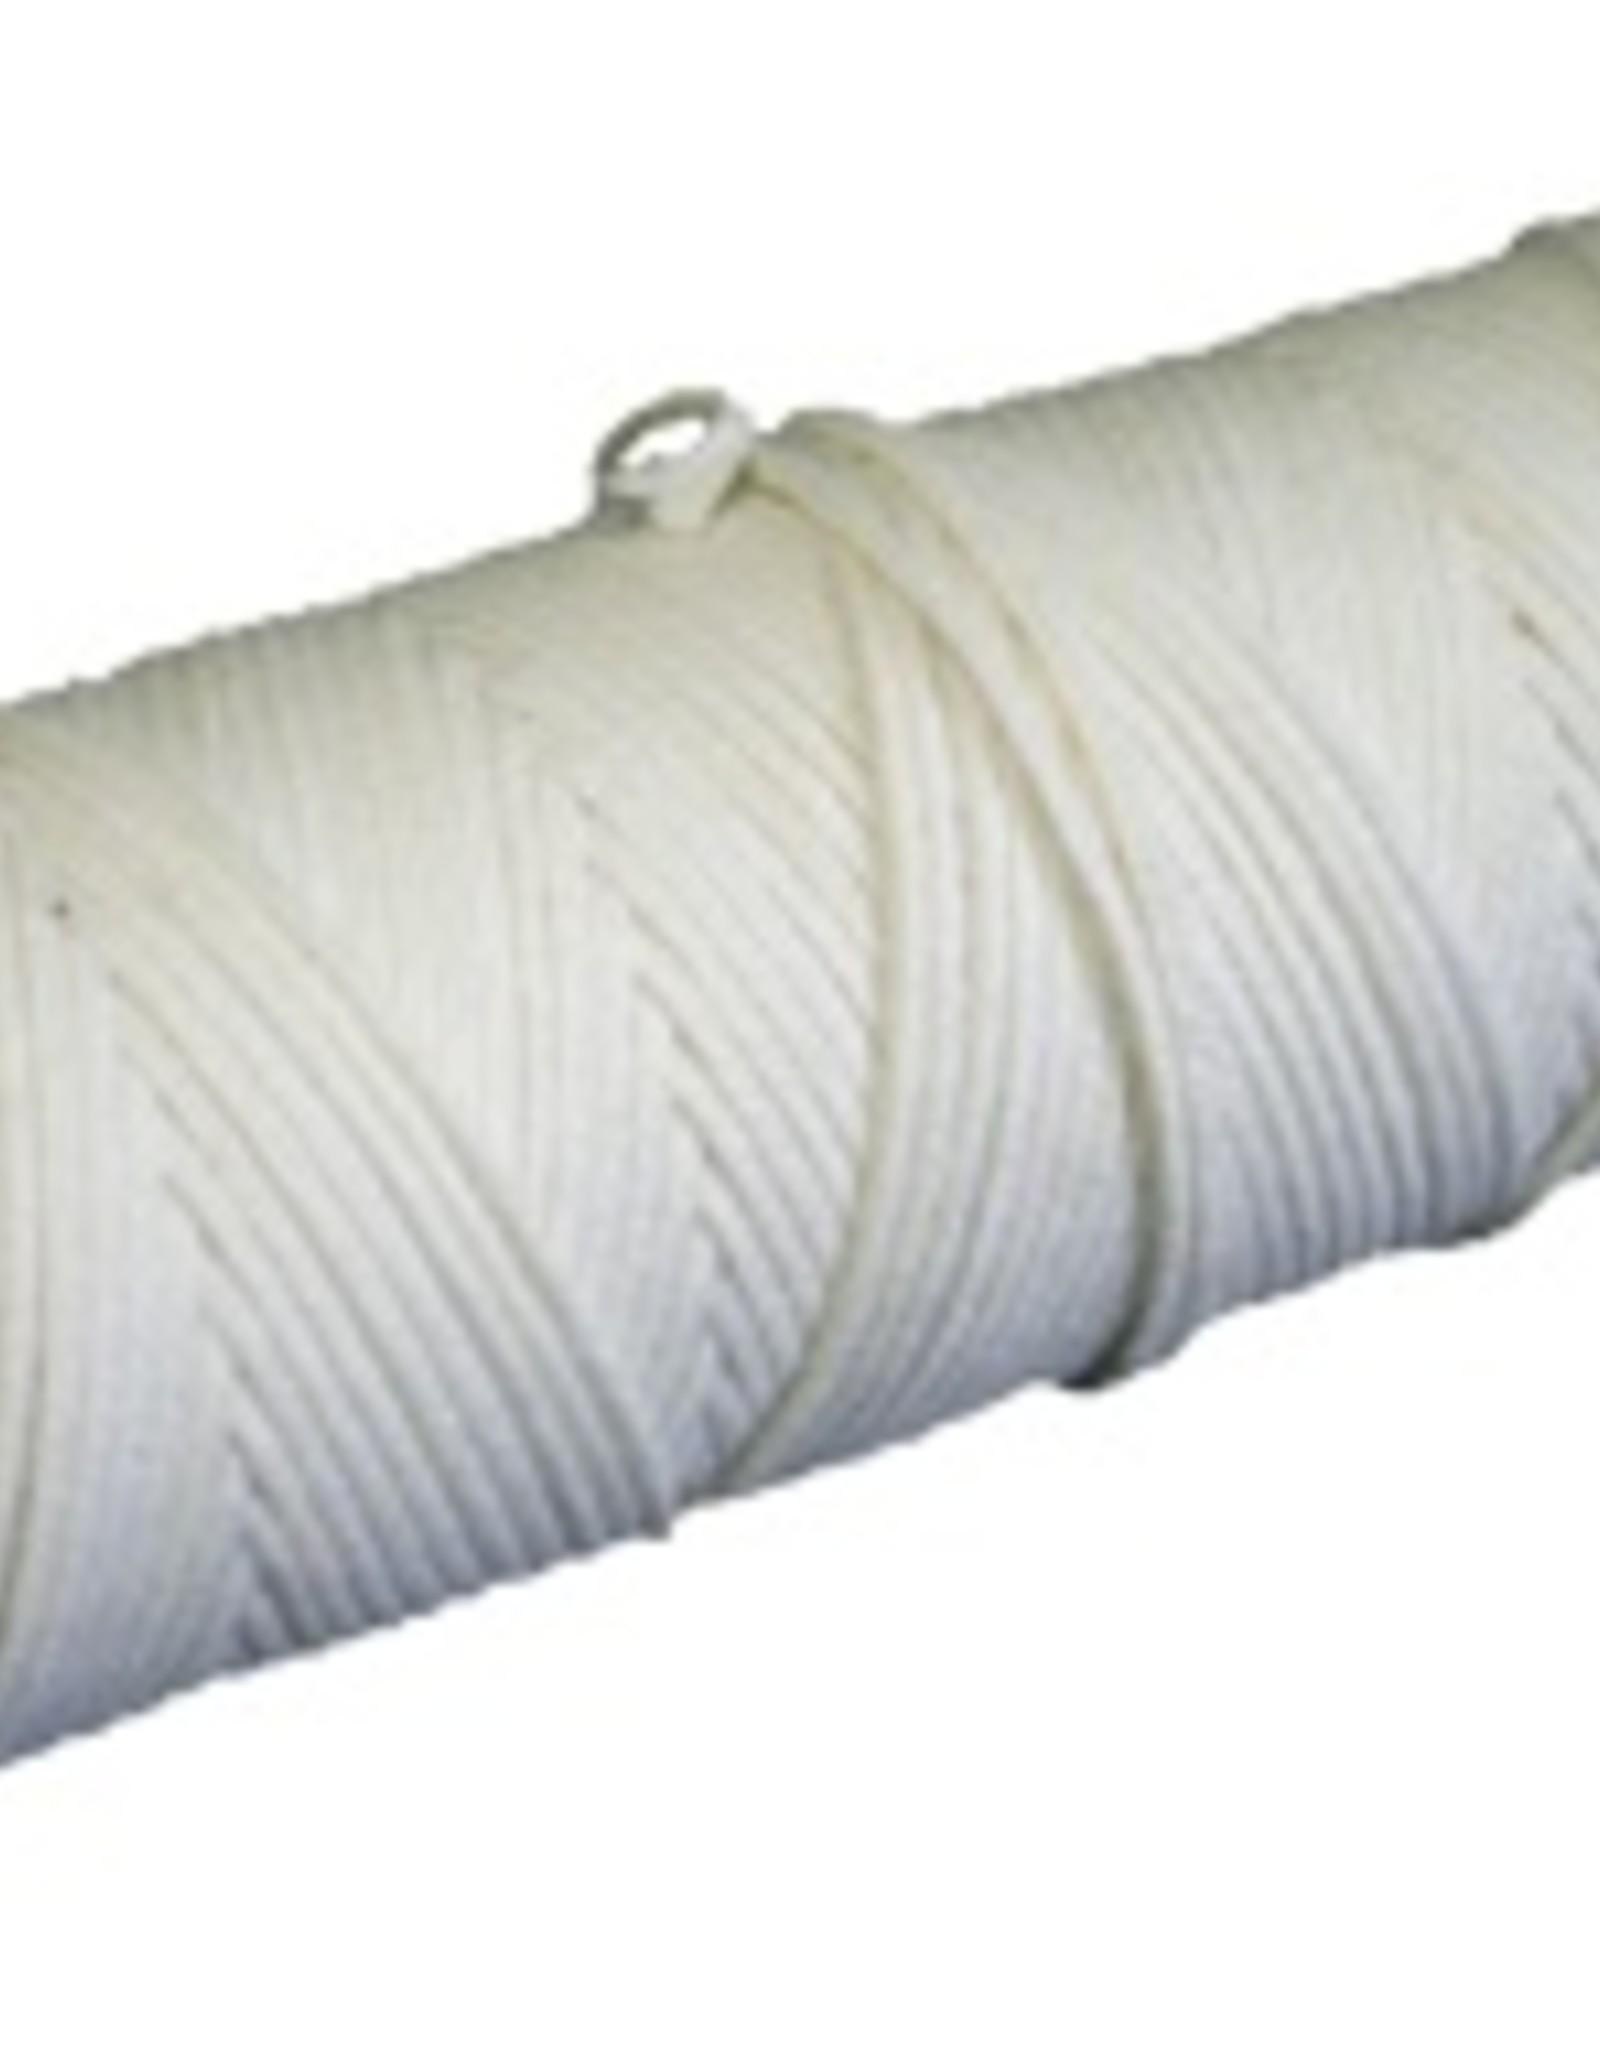 Wick, 2/0 square braid wick / roll 100%cotton